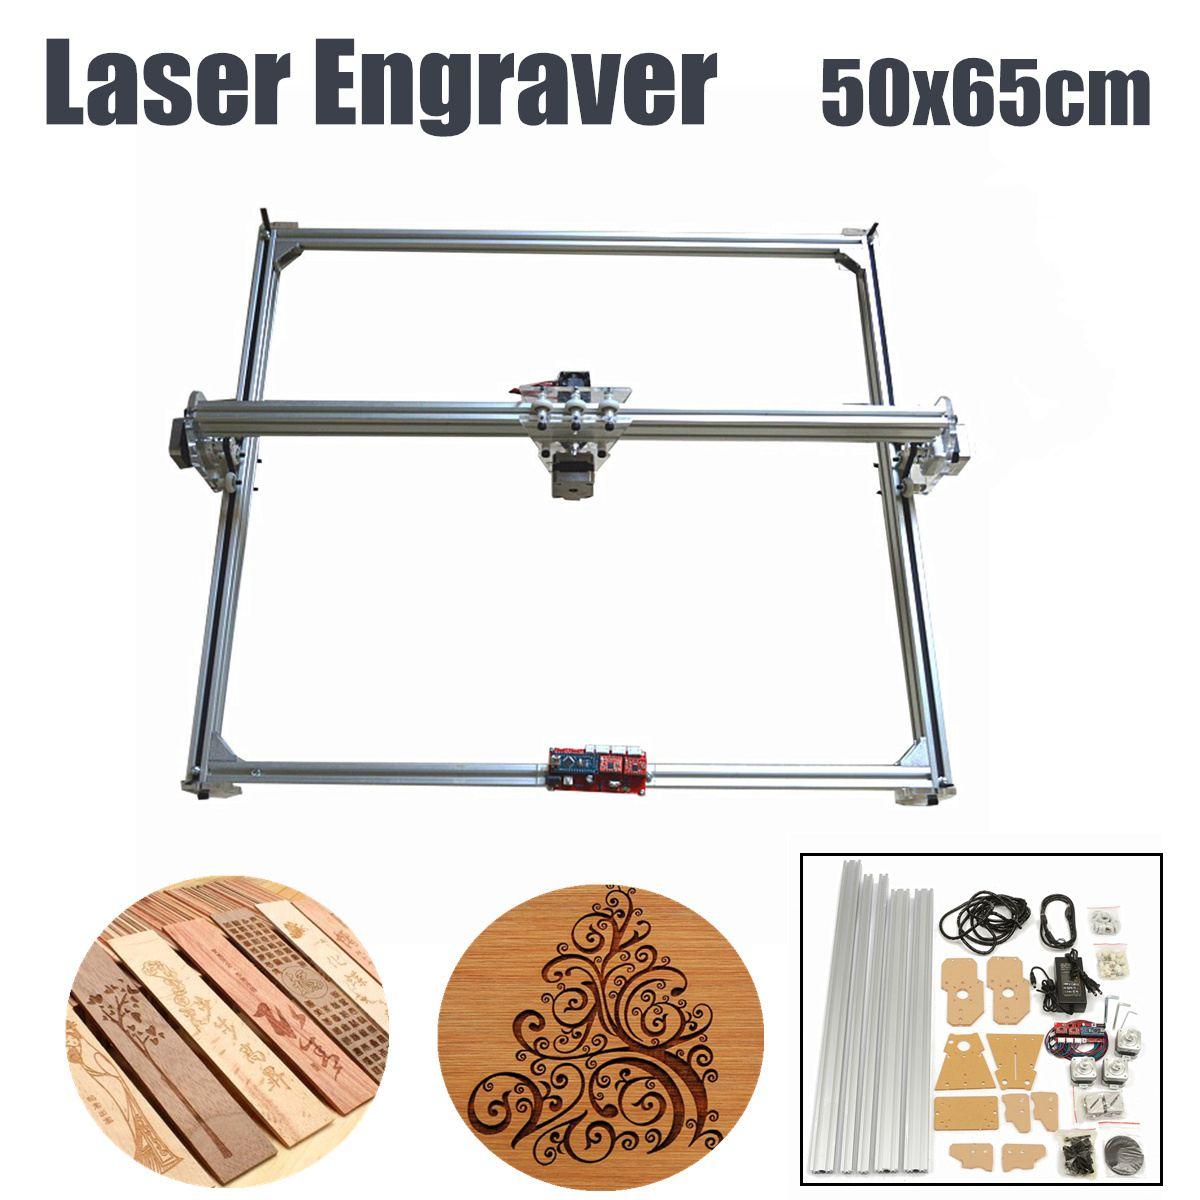 1 set 65x50 cm 100 mw-5500 mw DIY De Bureau Mini Laser De Coupe/Gravure Graveur Machine DC 12 v Bois Cutter/Imprimante/Puissance Réglable